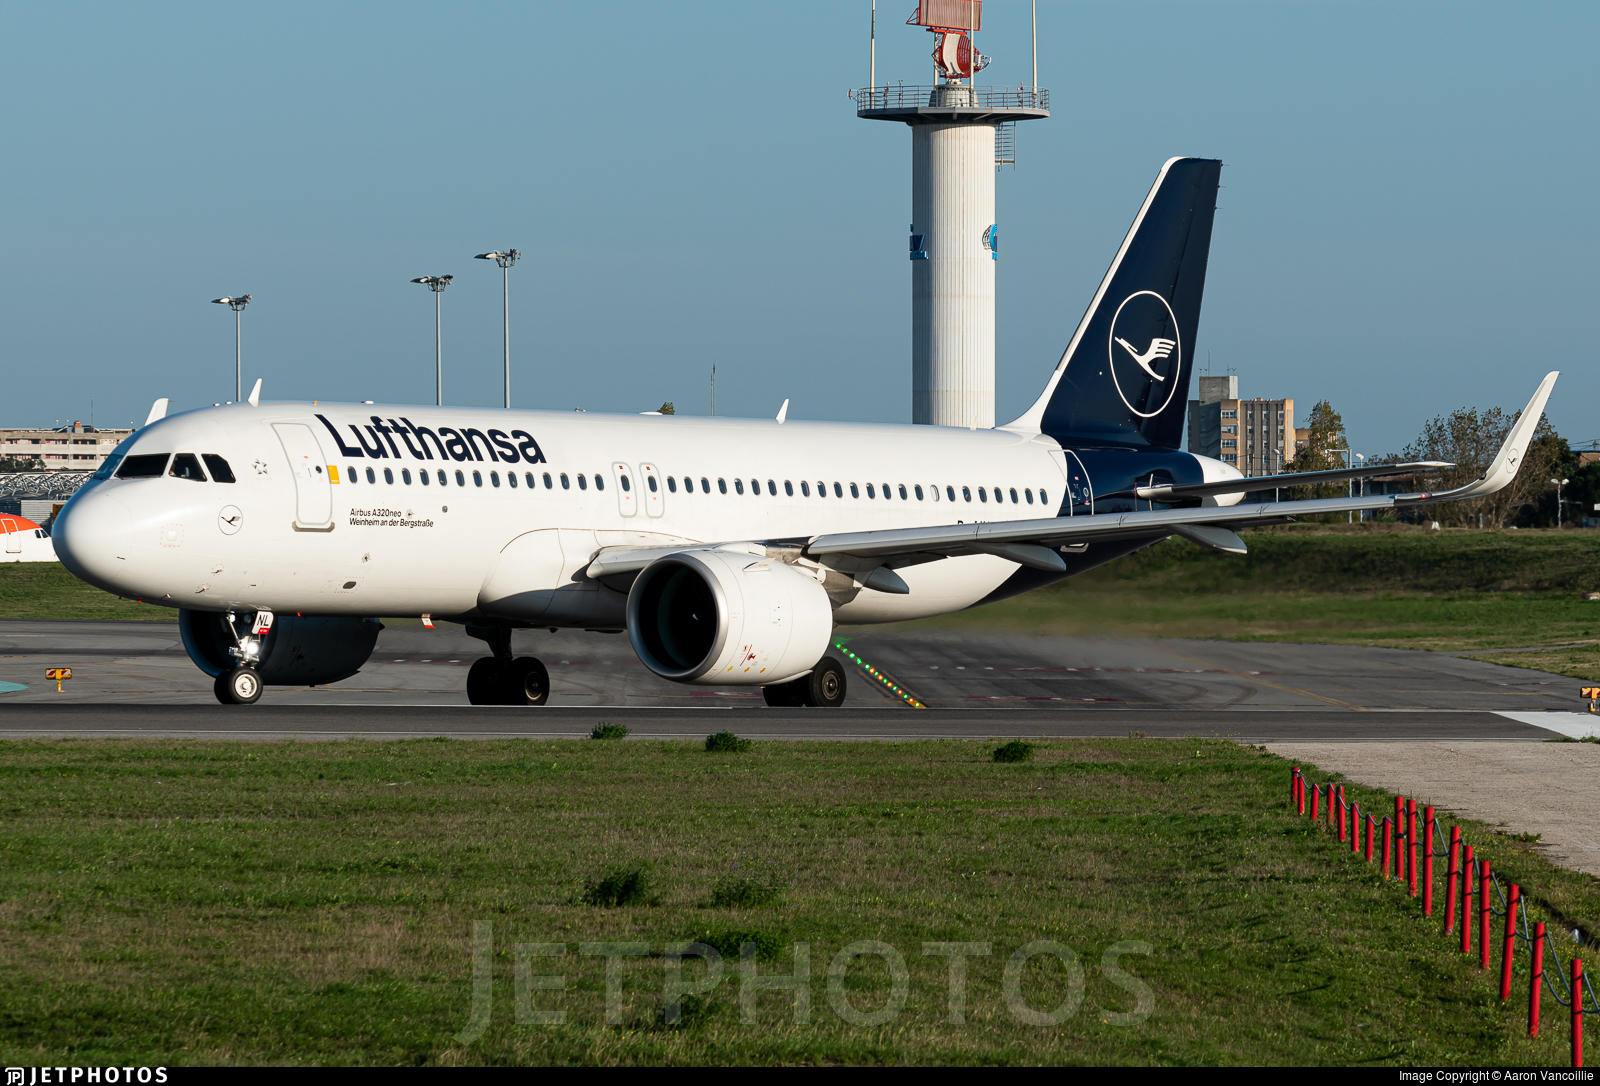 D-AINL - Airbus A320-271N - Lufthansa